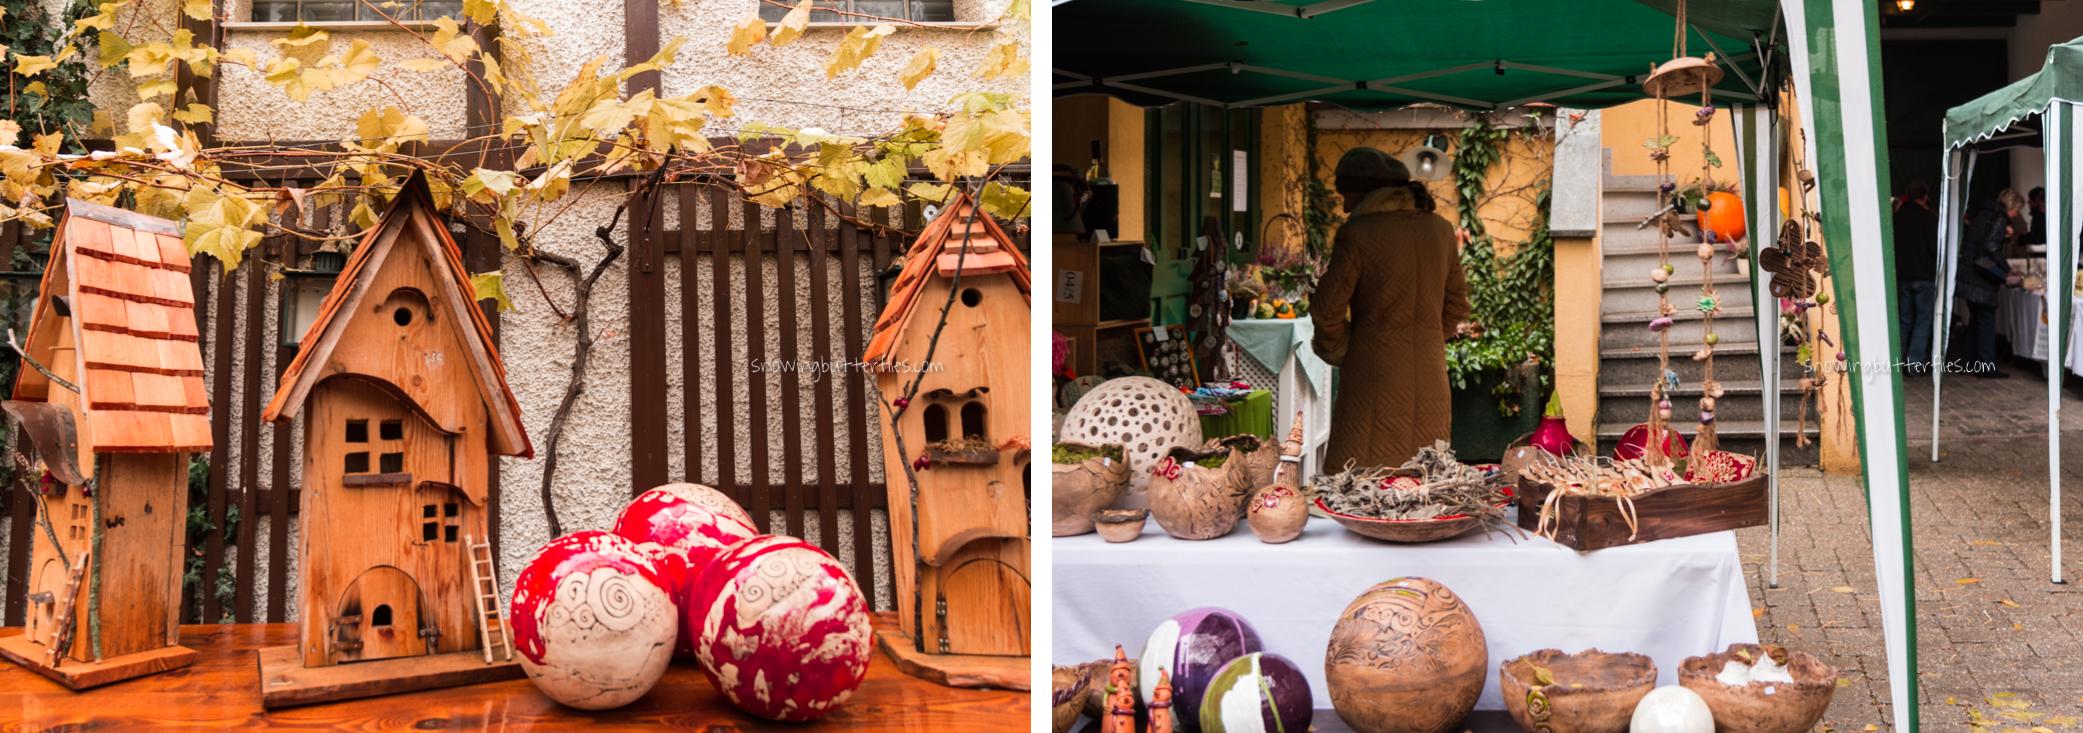 GenussMarkt, snowing butterflies, mariana perrone, austria, visit austria, still life photography, food photography, food, product photography